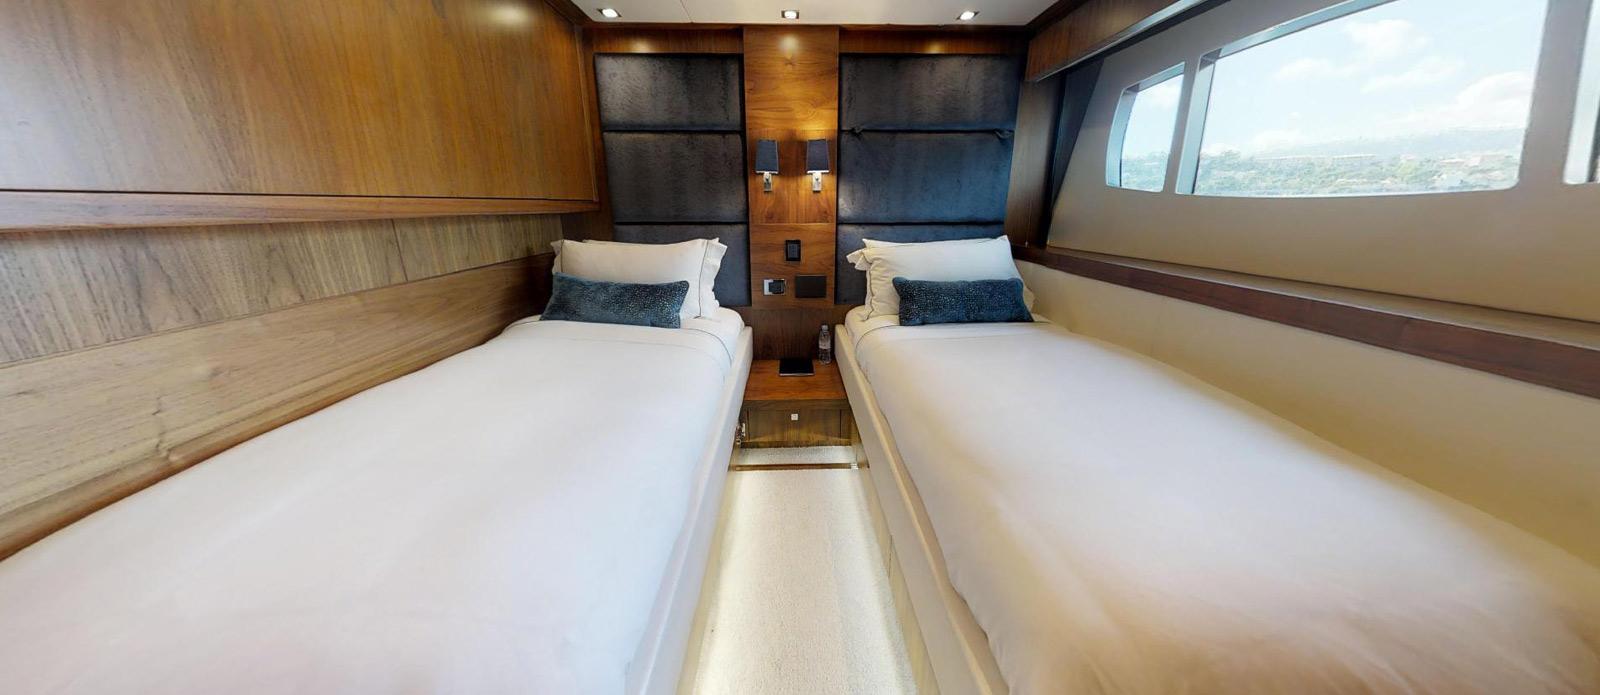 Sunseeker-115-Sport-Yacht-Zulu-Starboard-Twin-Guest-Cabin